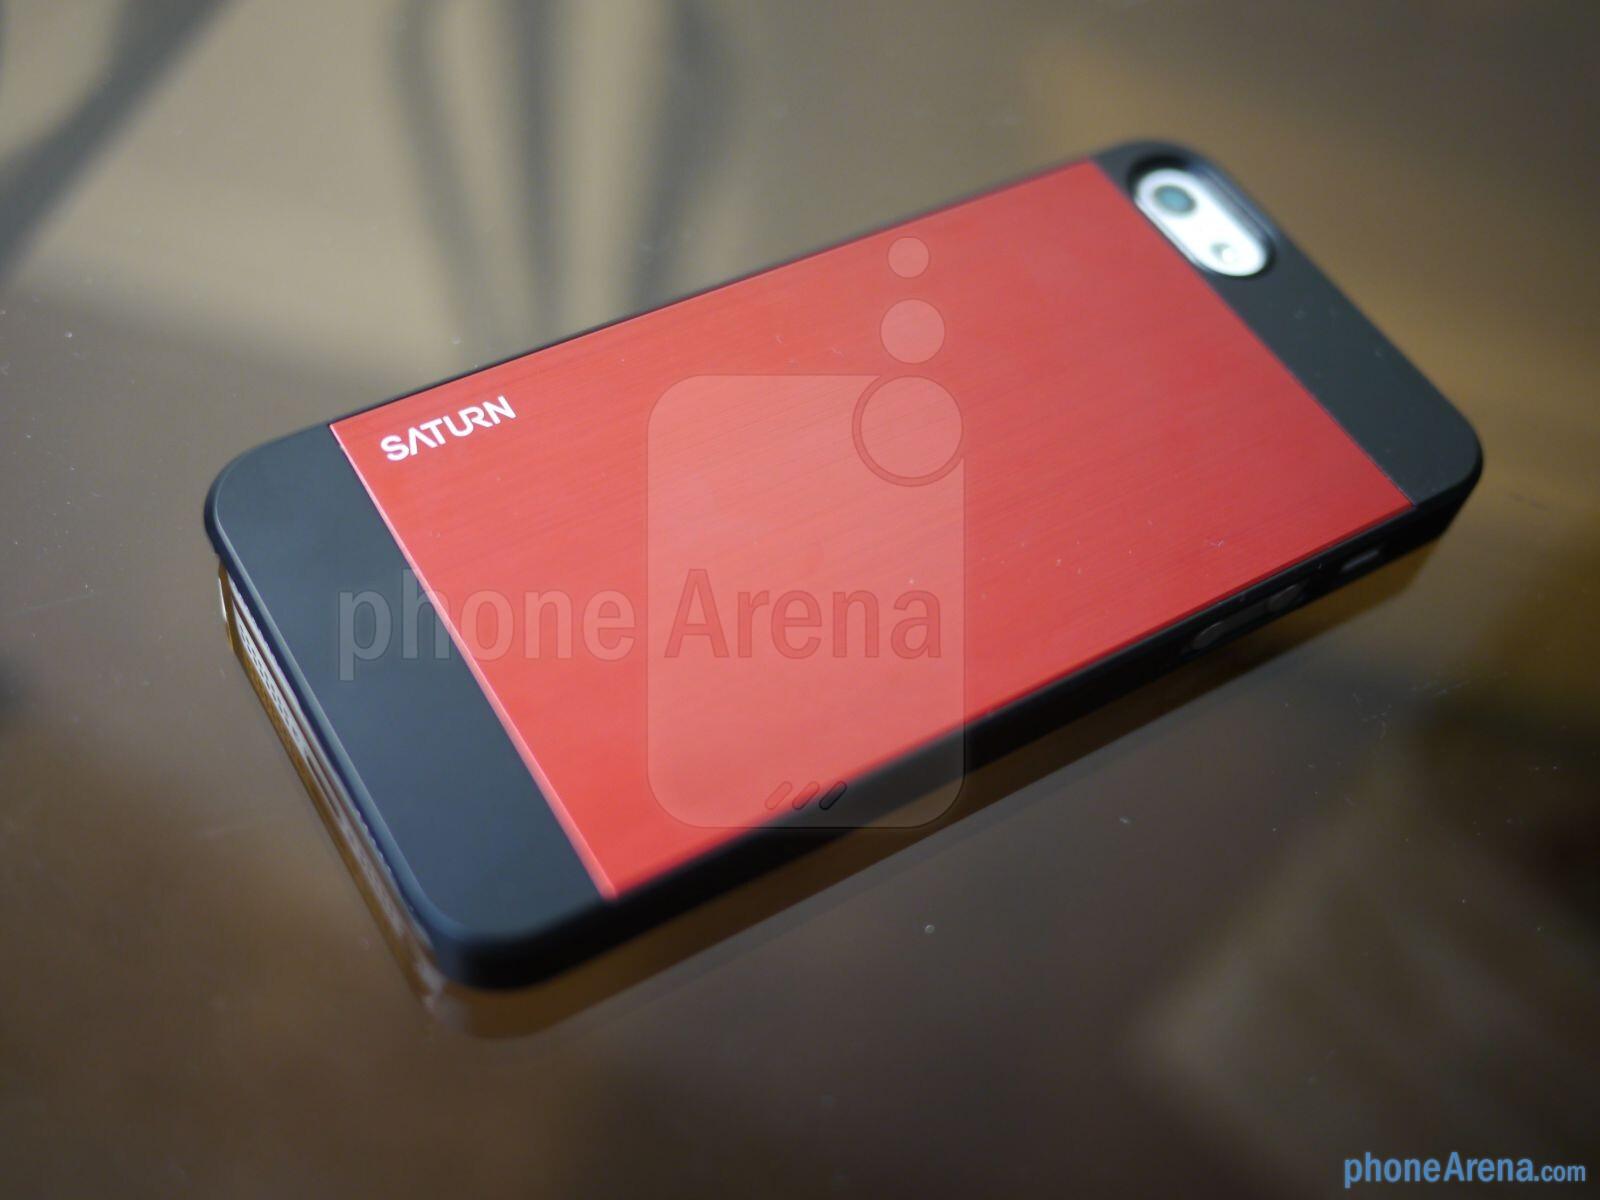 spigen iphone 5 saturn case hands on phonearena reviews. Black Bedroom Furniture Sets. Home Design Ideas